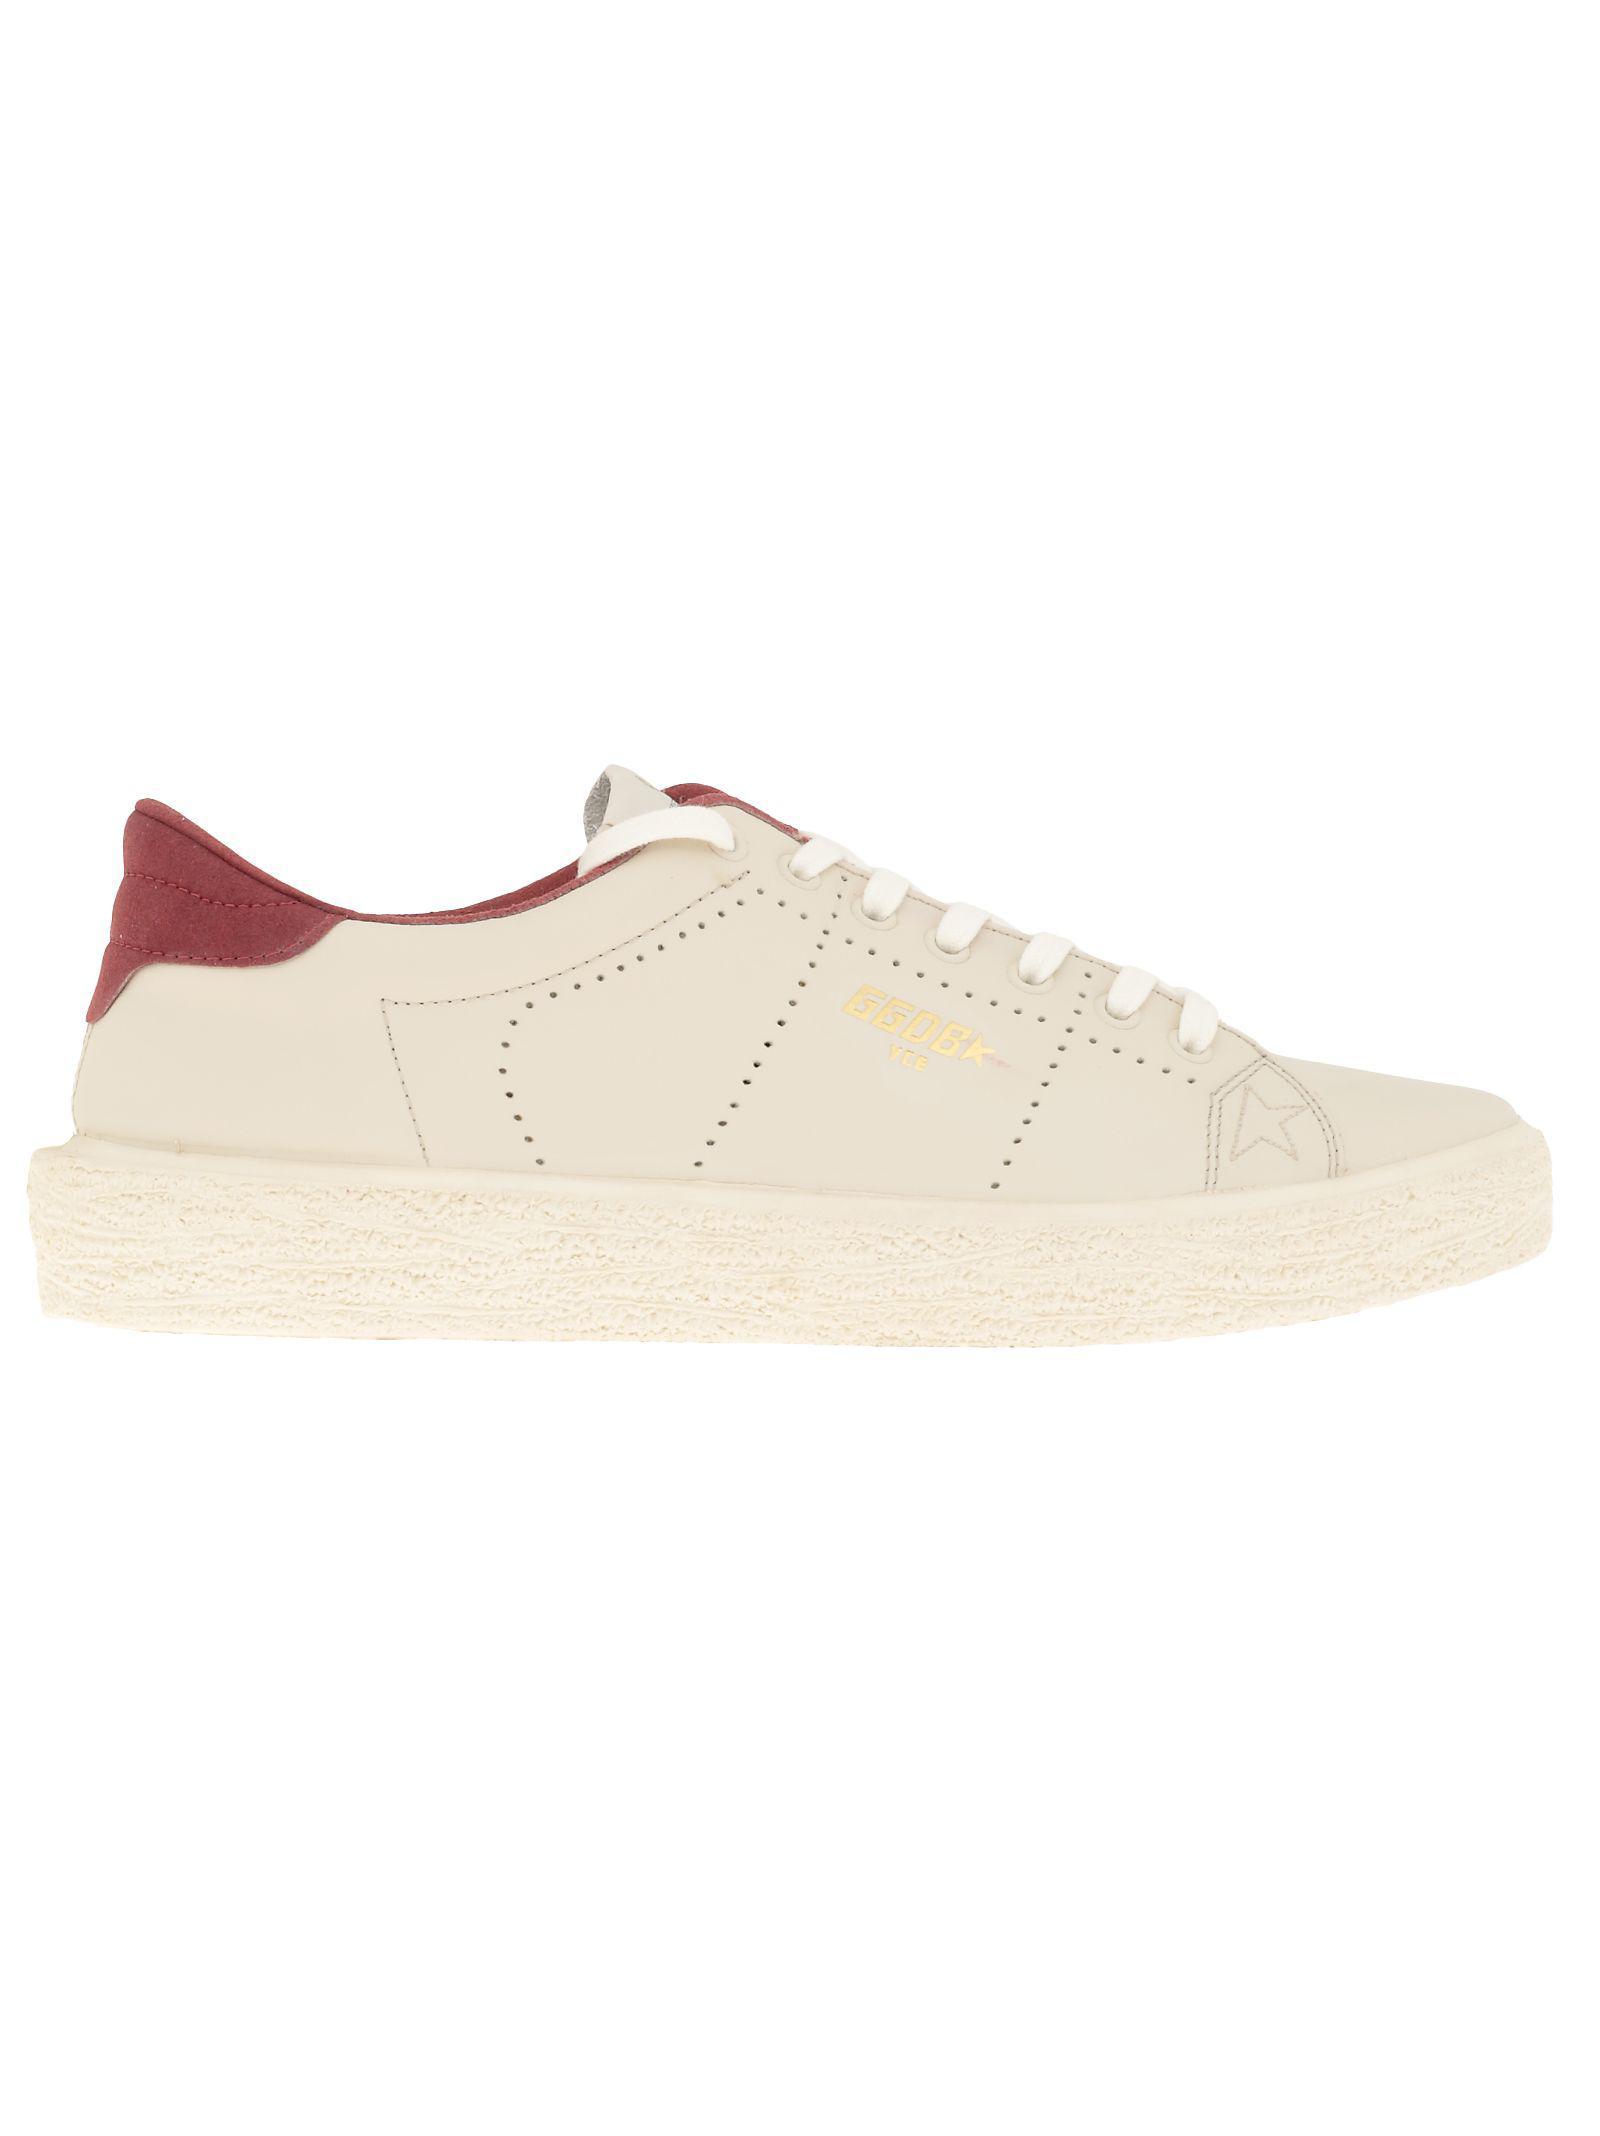 Golden Goose Tennis Sneaker In Cream Leather-cherry